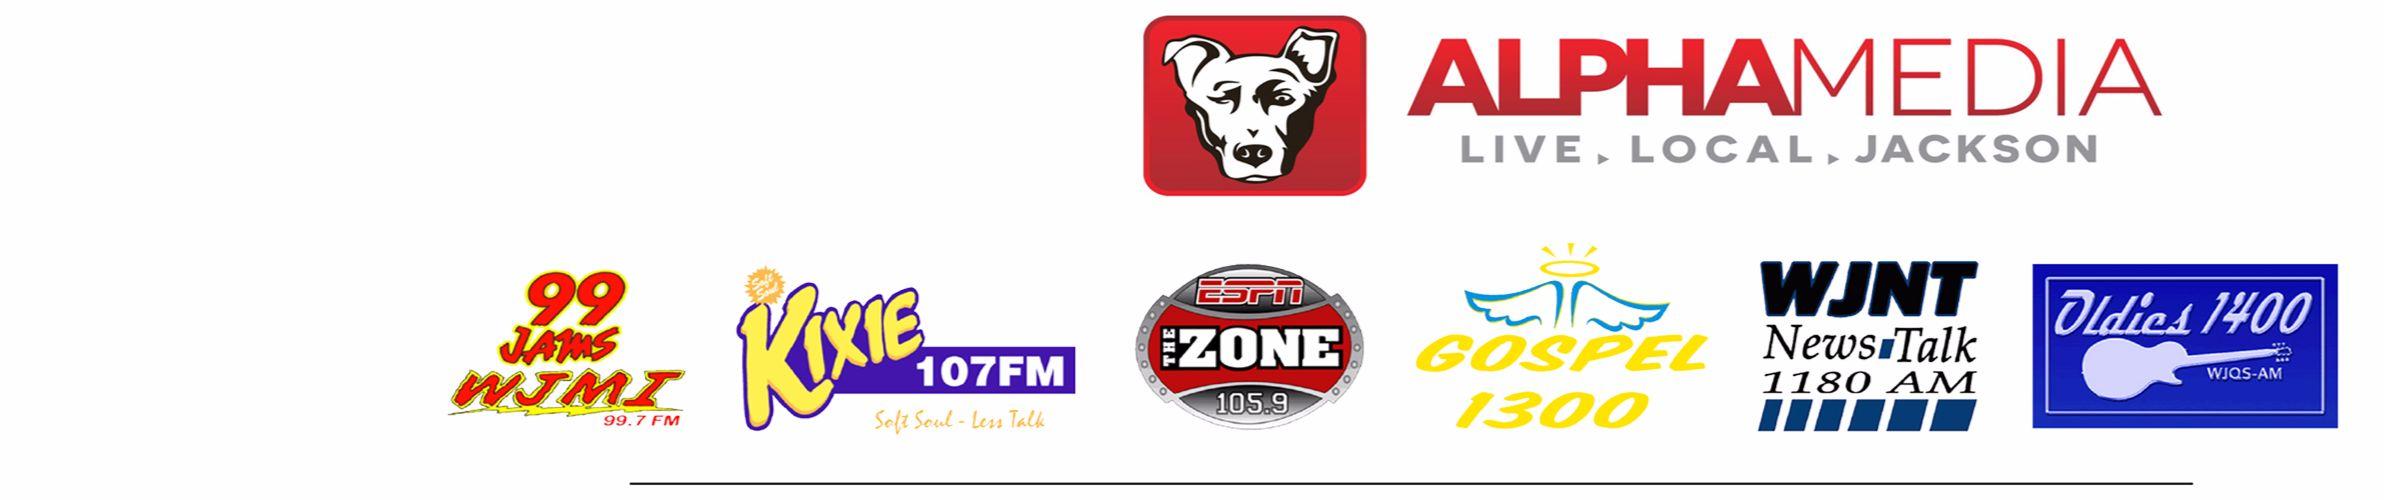 Alpha media zone